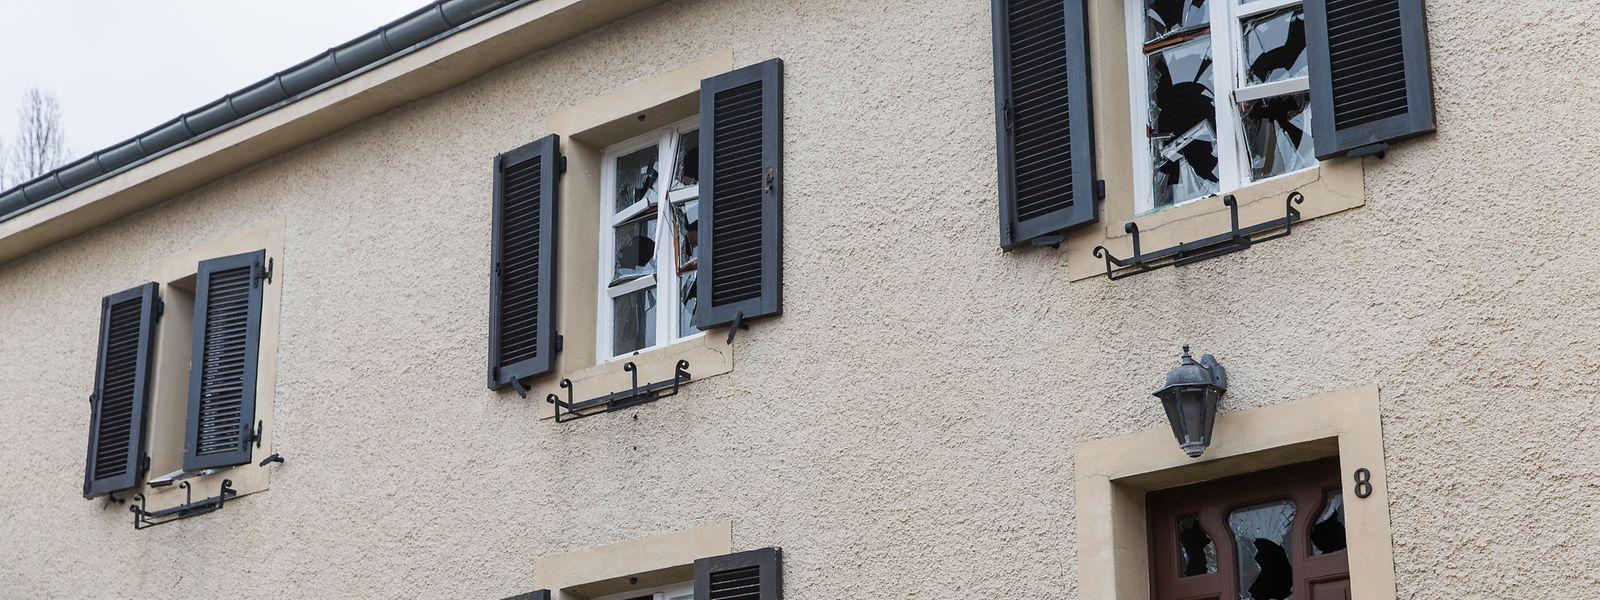 Lokales, Streit um Haus in der Rue des Fleurs in Nospelt, Foto: Lex Kleren/Luxemburger Wort.